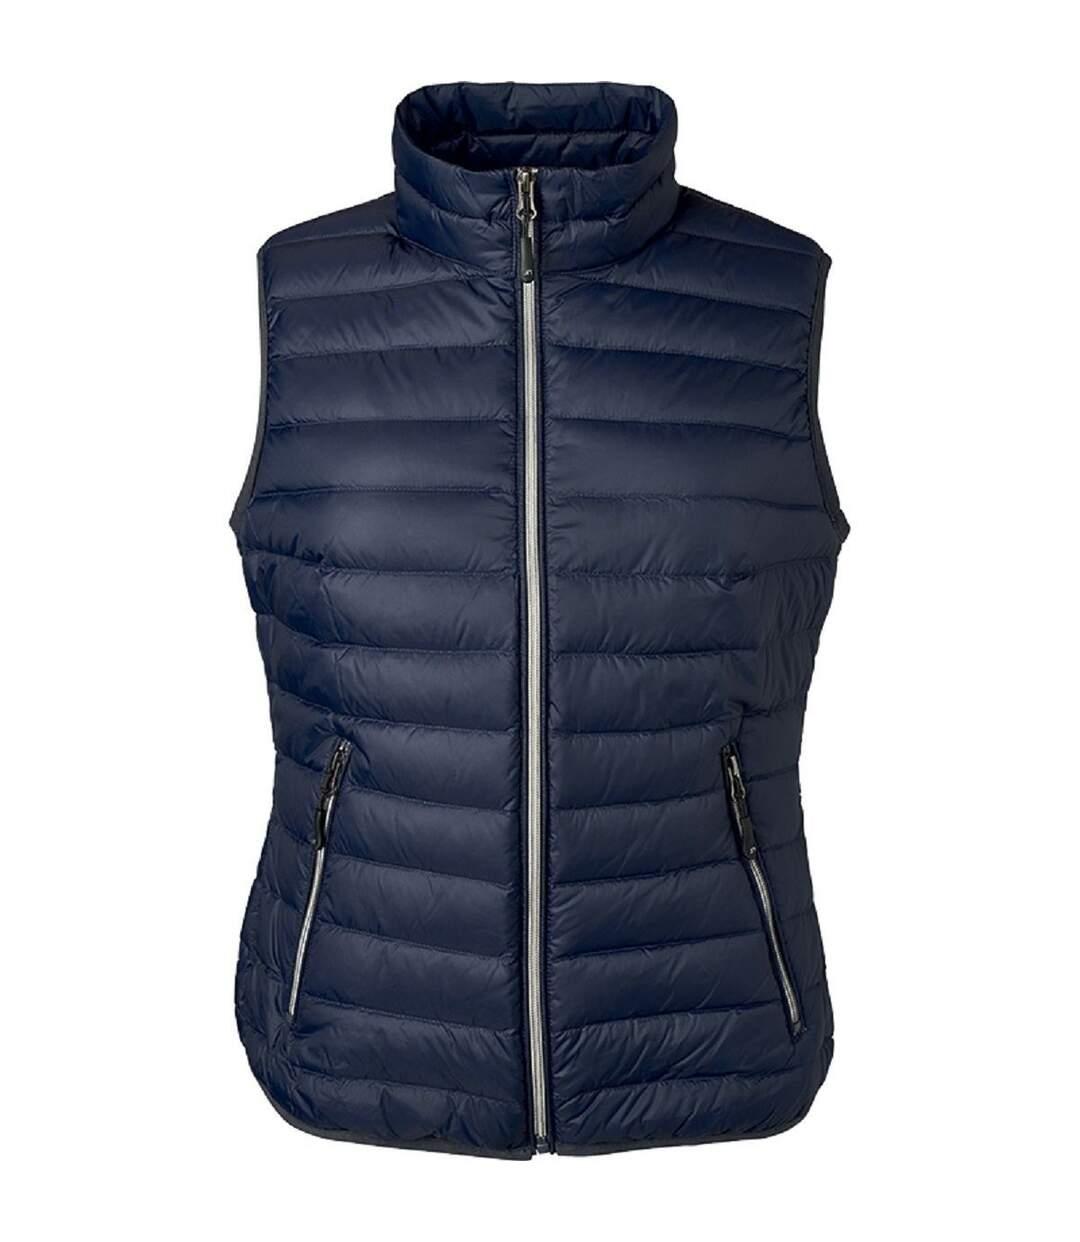 Bodywarmer duvet - JN1137 - bleu indigo - Femme